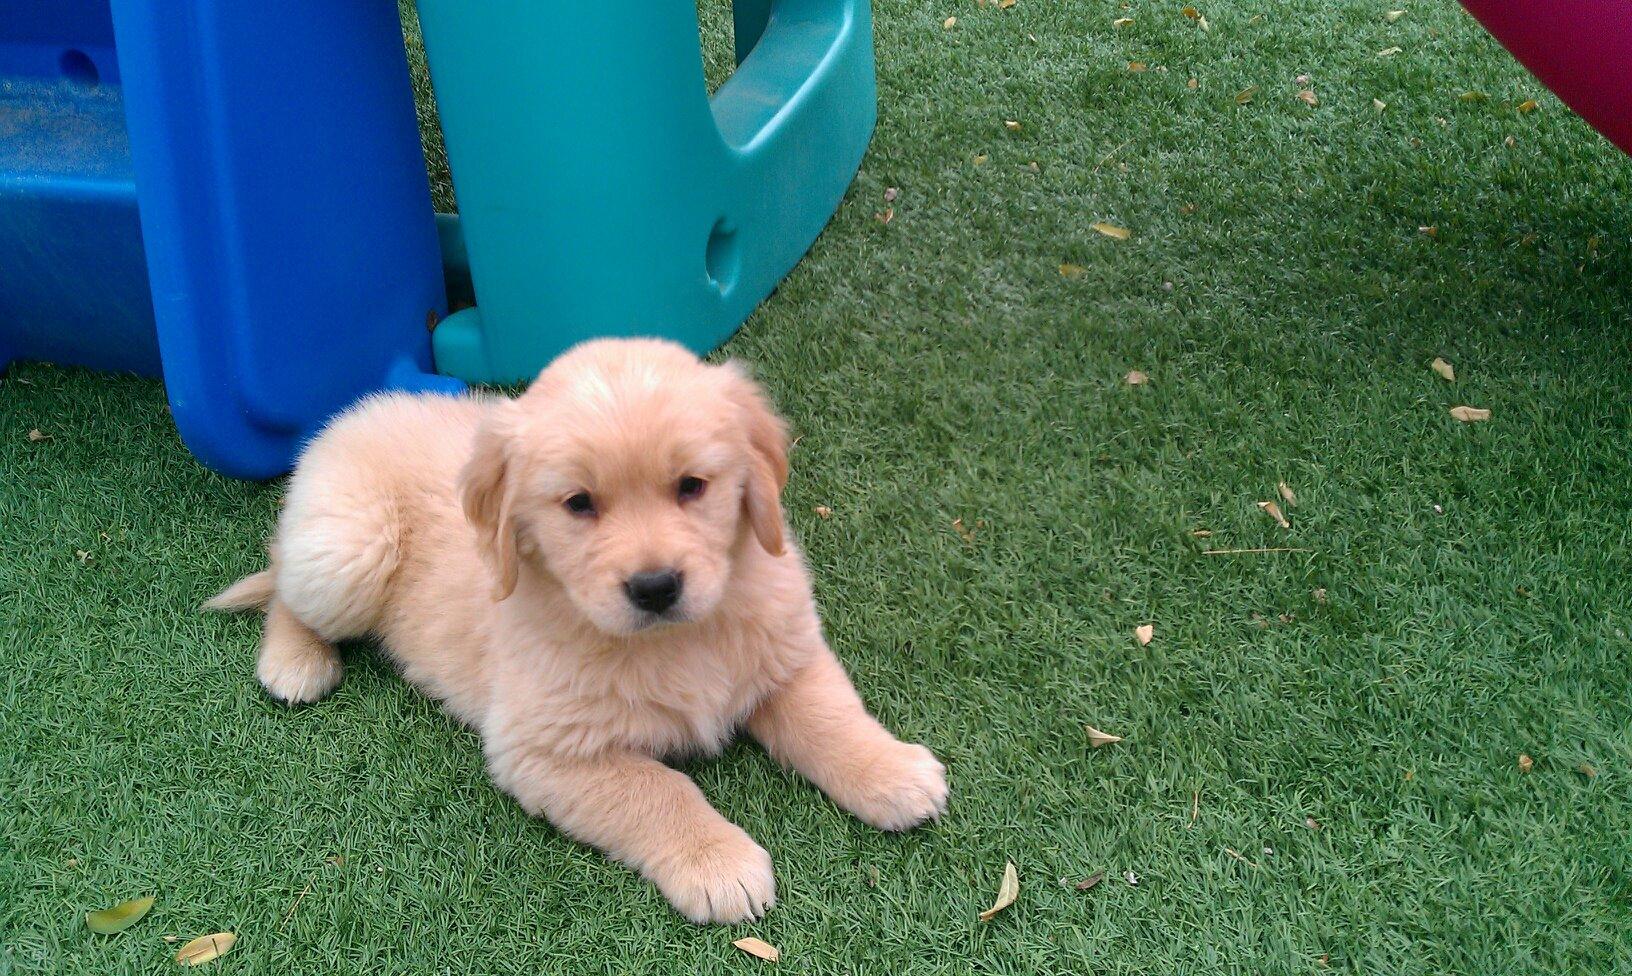 ... is biting my 3 kids! - Golden Retrievers : Golden Retriever Dog Forums